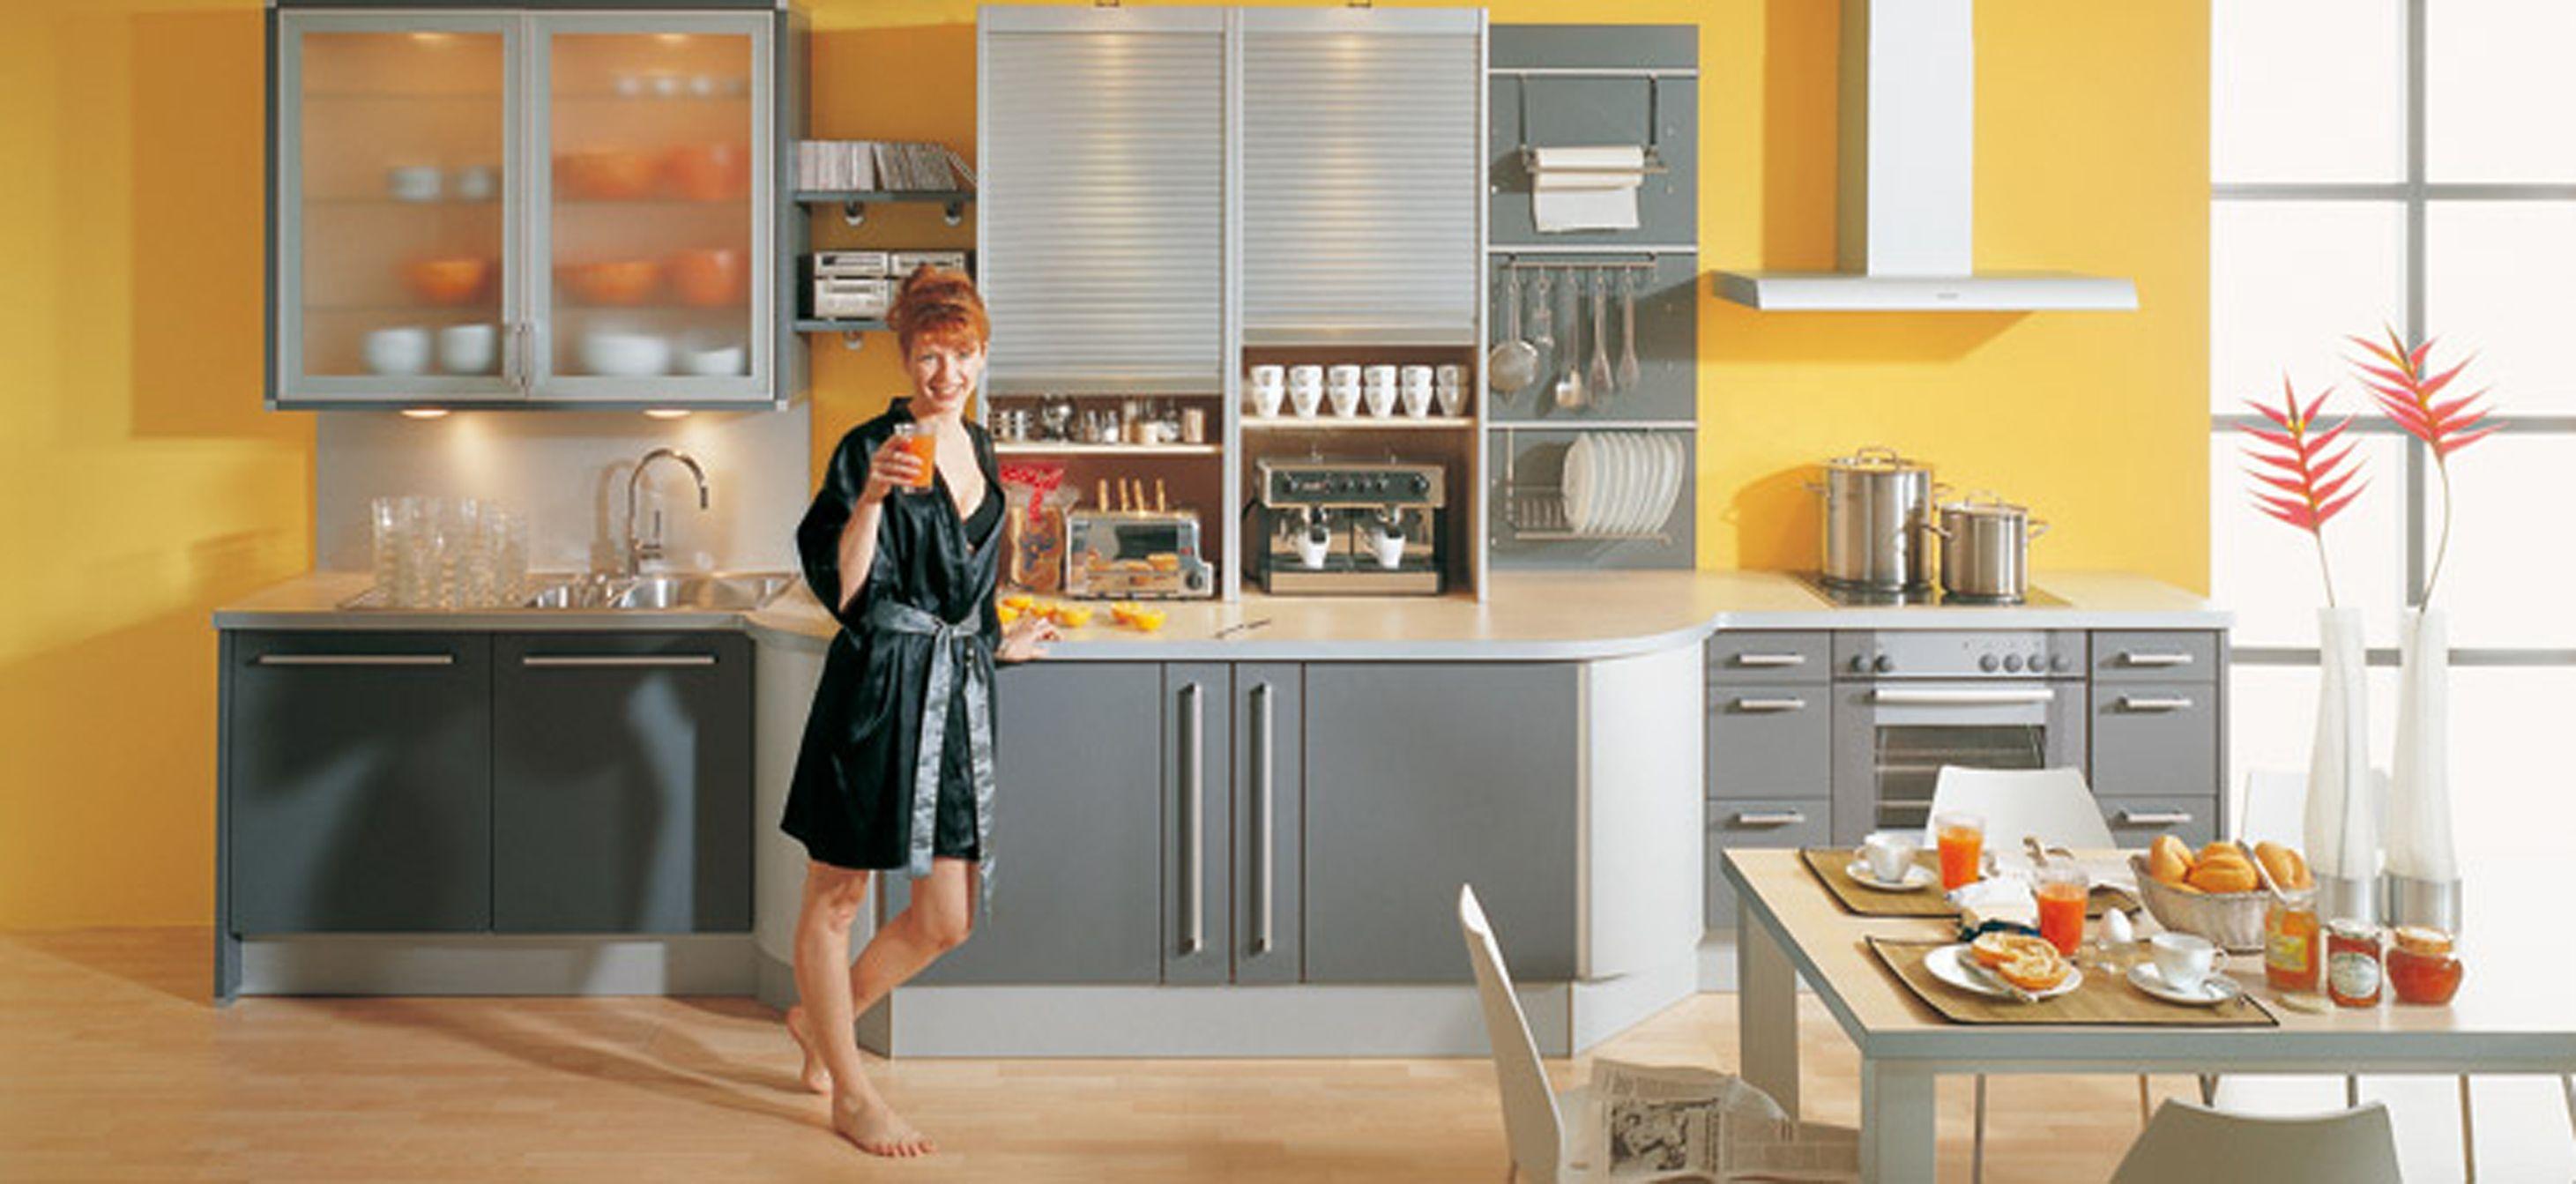 Modish Kitchen Design Ideas Shaker Kitchen Design Ideas Kitchen Designideas Cabinets Kitchen Design Ideas Shaker Kitchen Design Ideas Kitchen kitchen Unusual Kitchen Designs